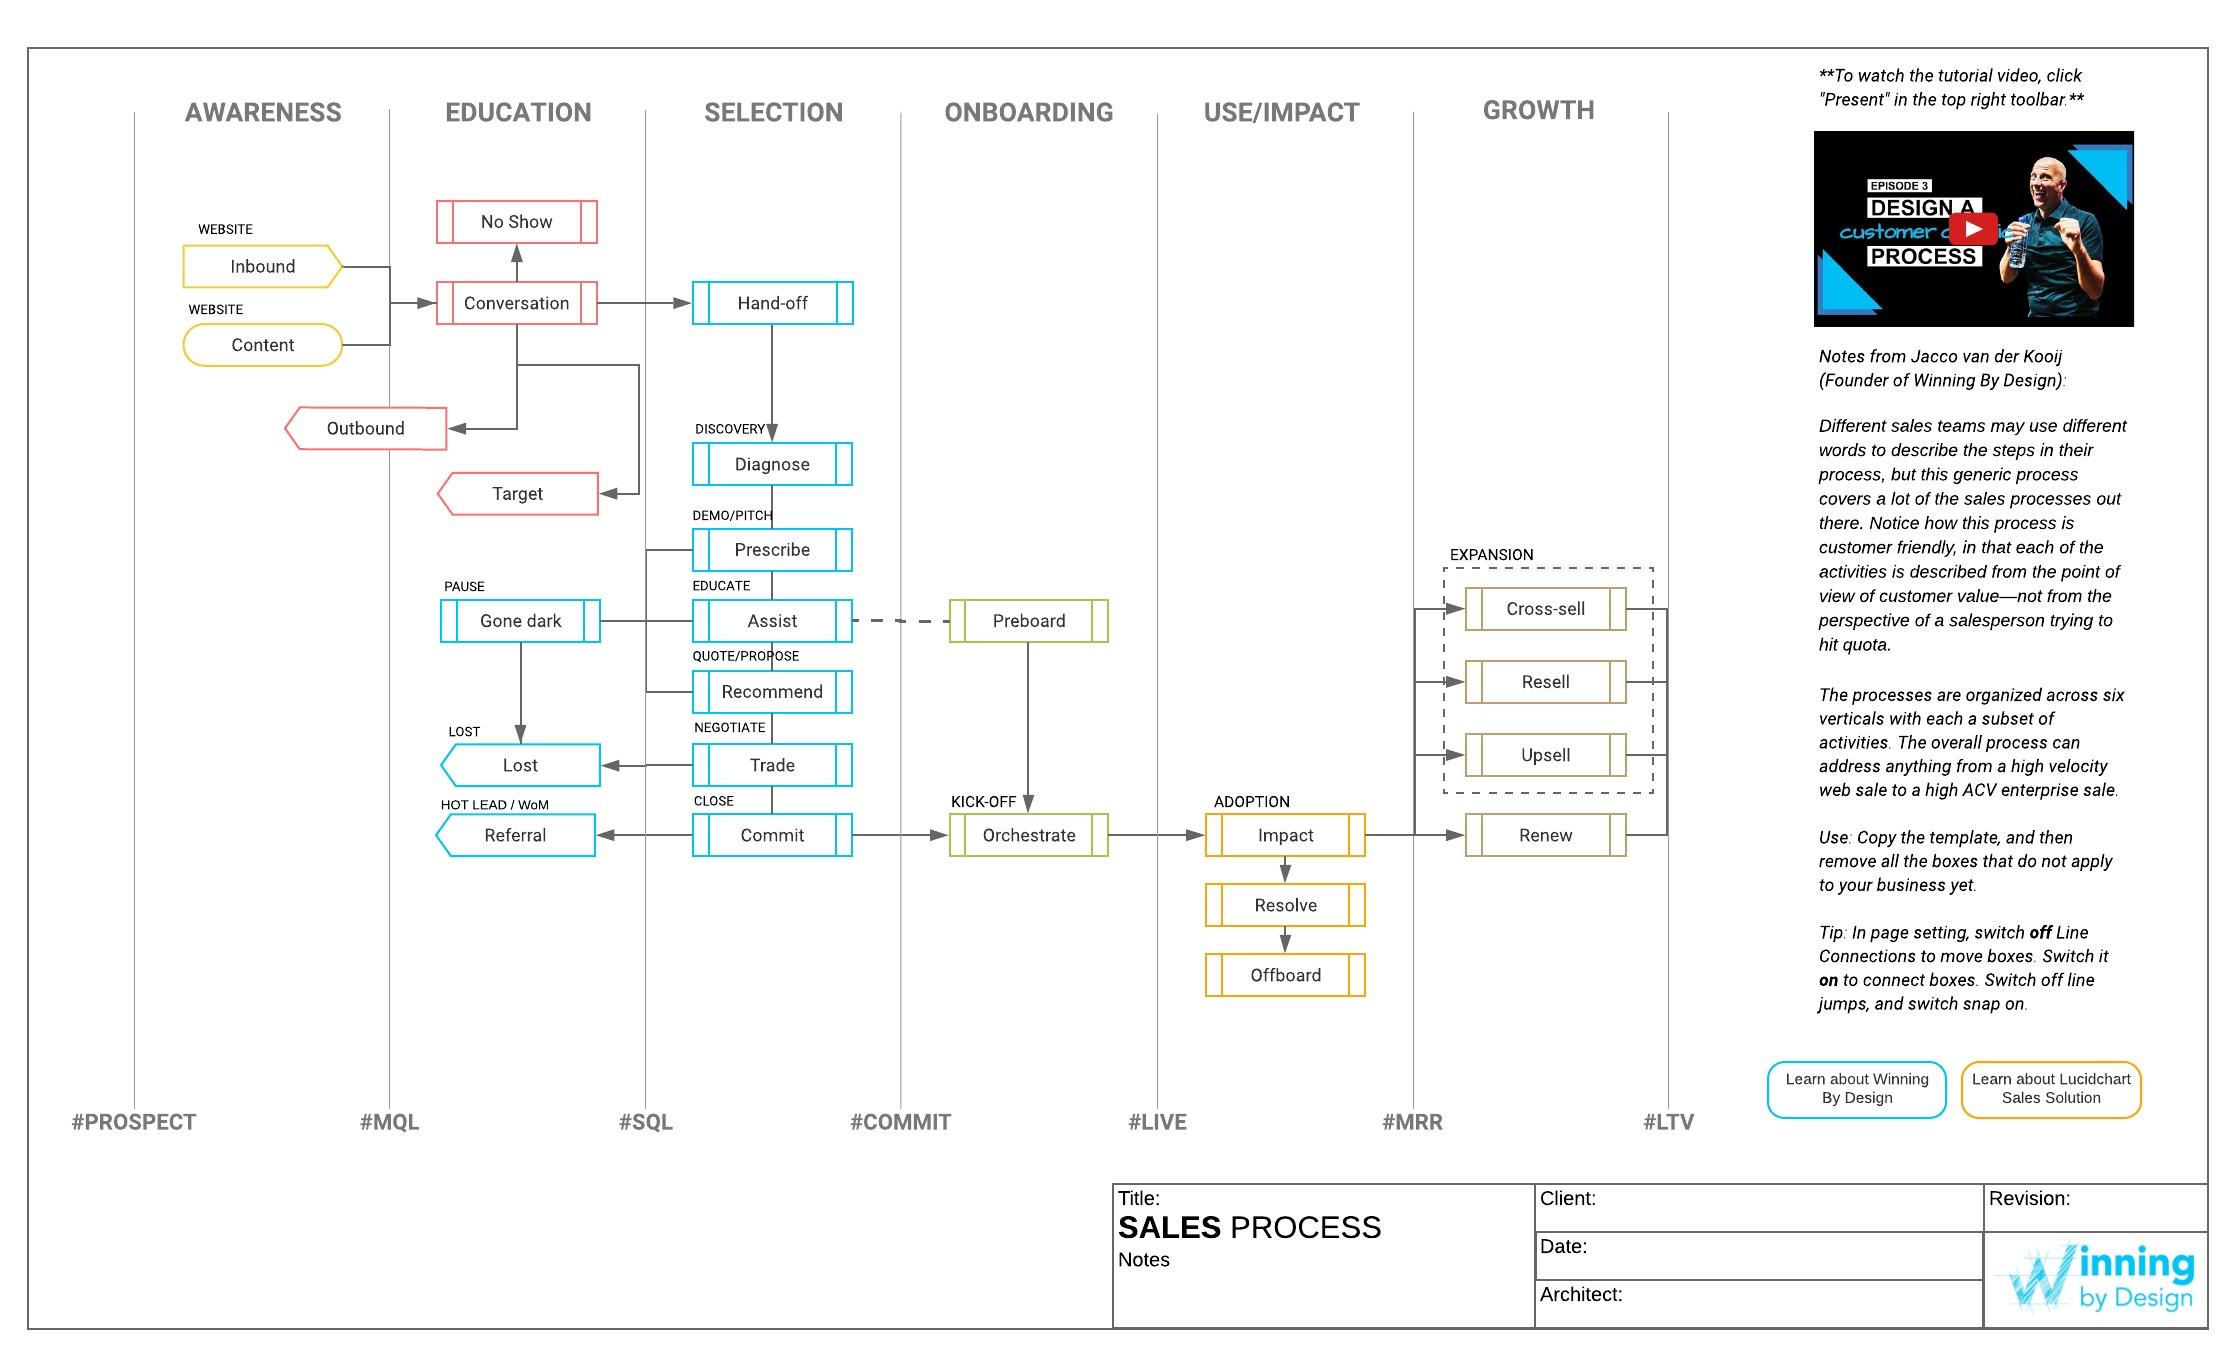 Modelo de processos de vendas